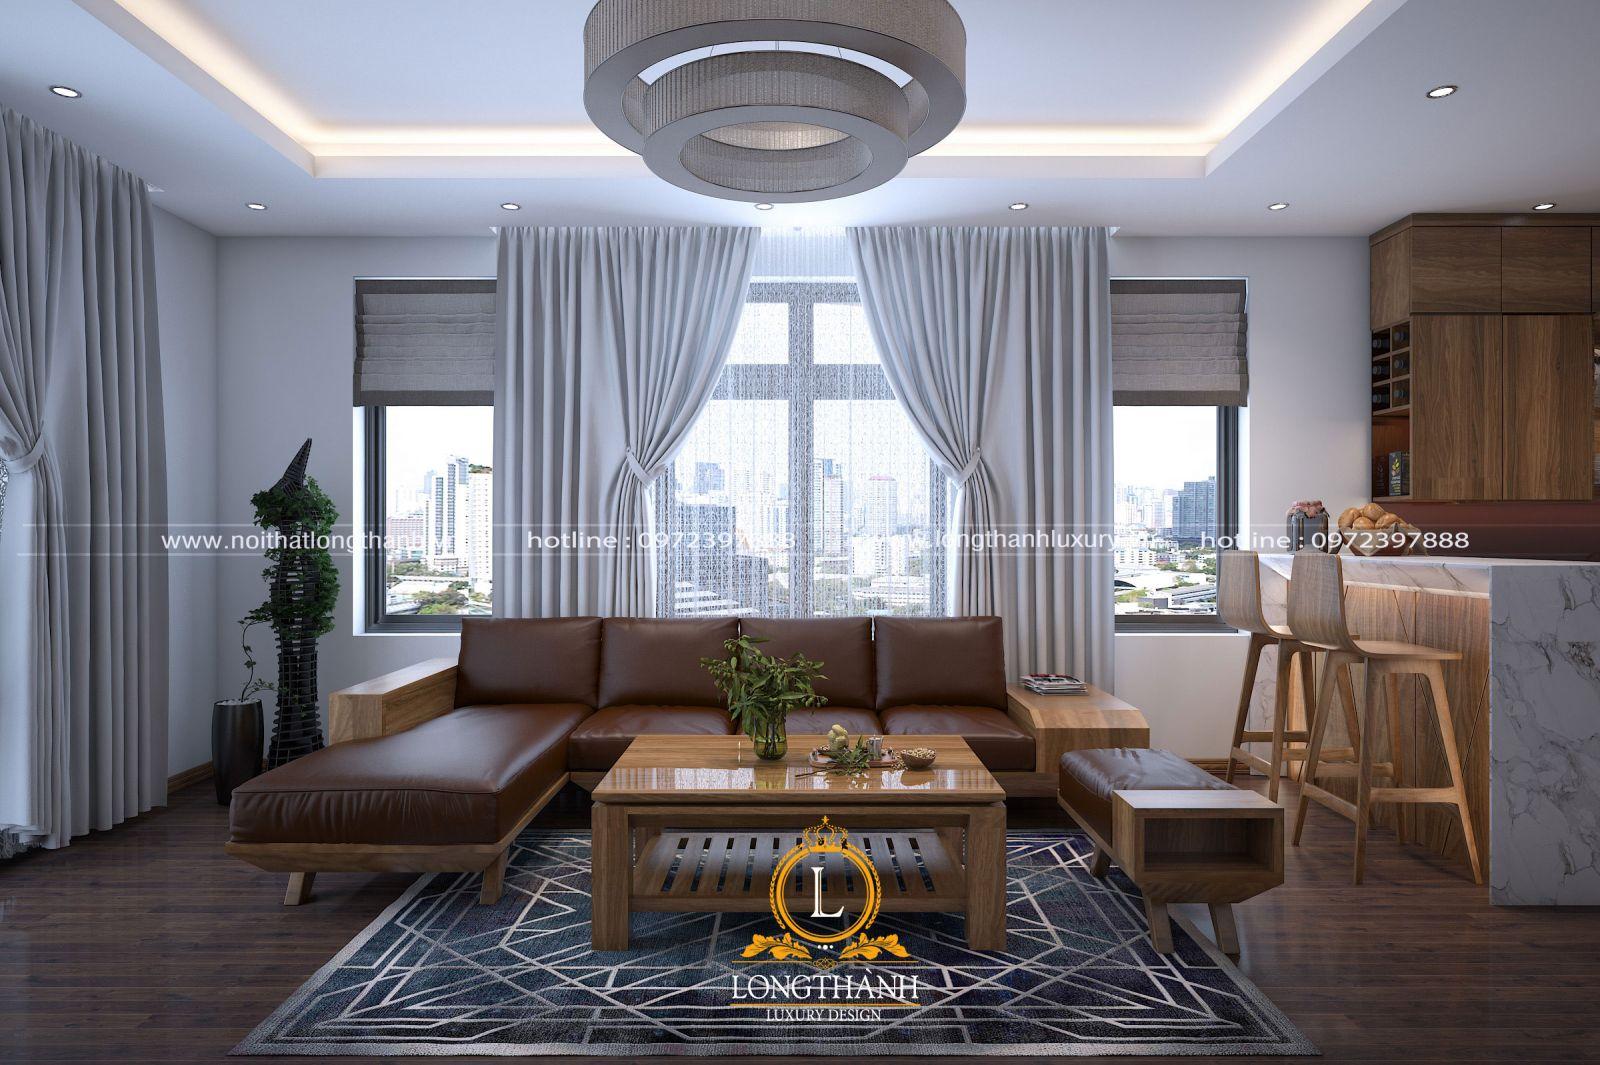 Sofa chữ L bằng gỗ cho phòng khách hiện đại